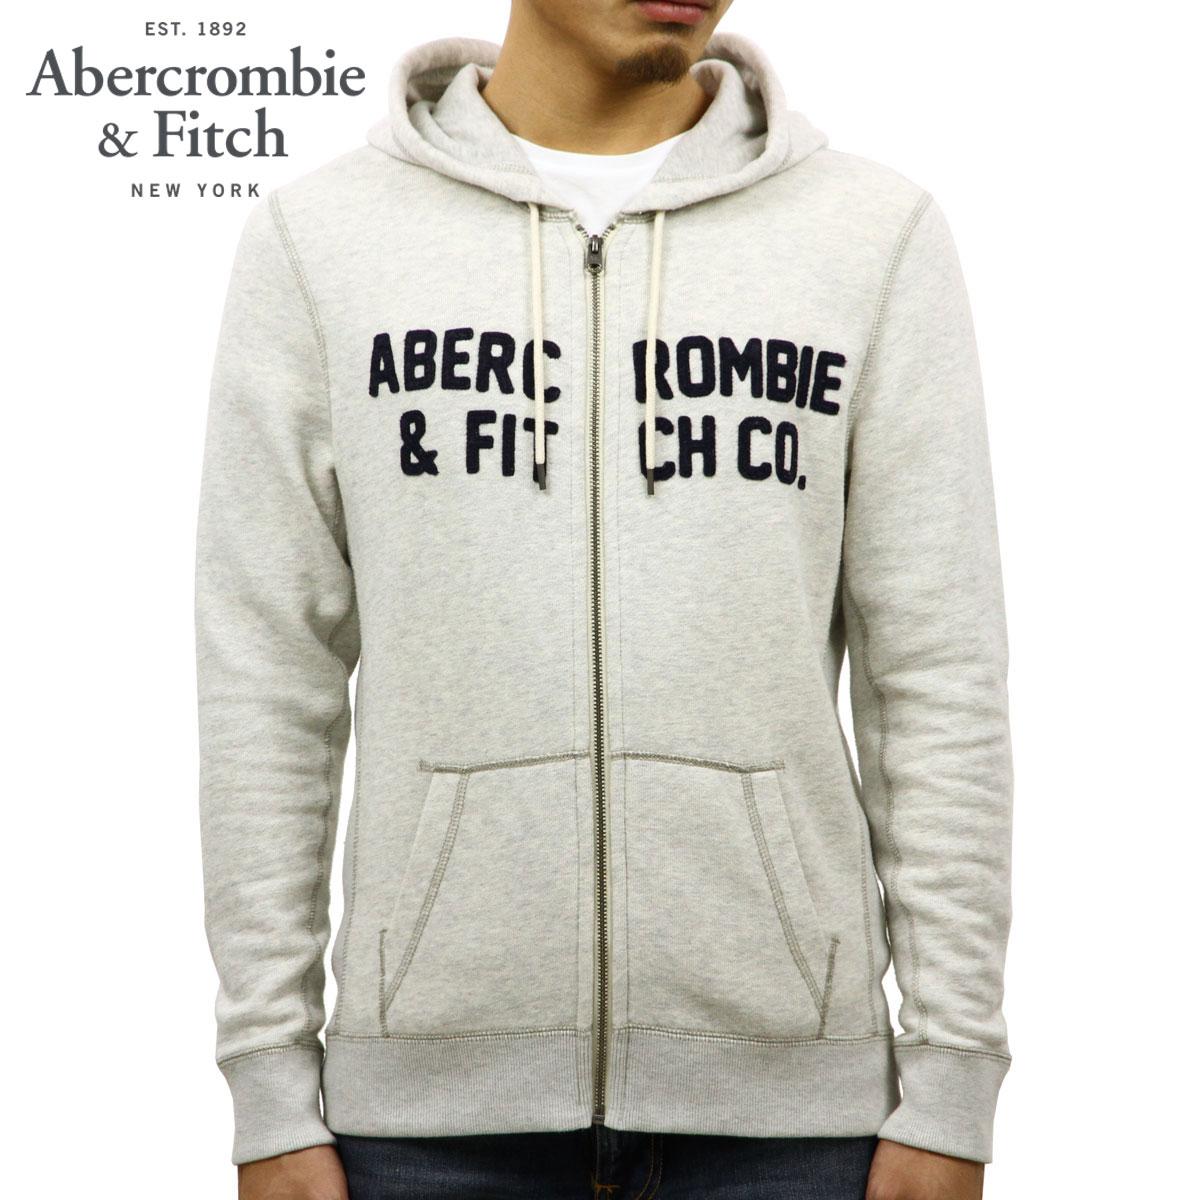 アバクロ Abercrombie&Fitch 正規品 メンズ ジップアップパーカー GRAPHIC FULL-ZIP HOODIE 122-232-0772-112